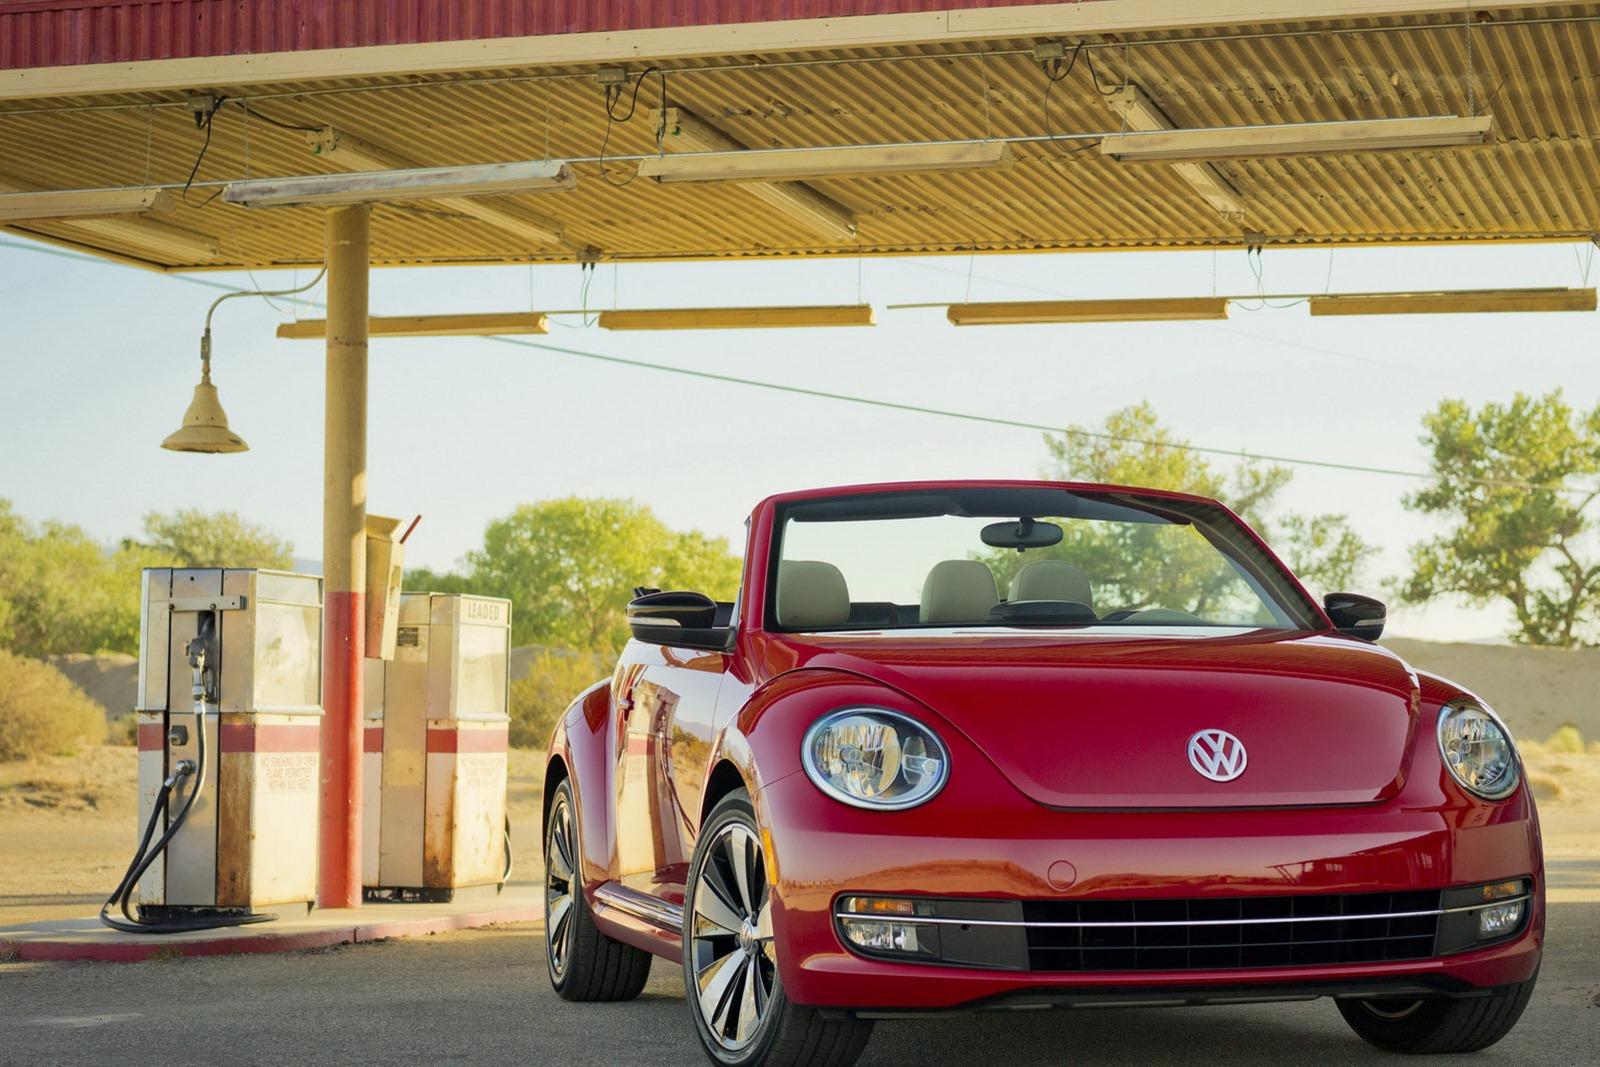 Volkswagen_Beetle_Cabriolet_Profile_Petrol-Station